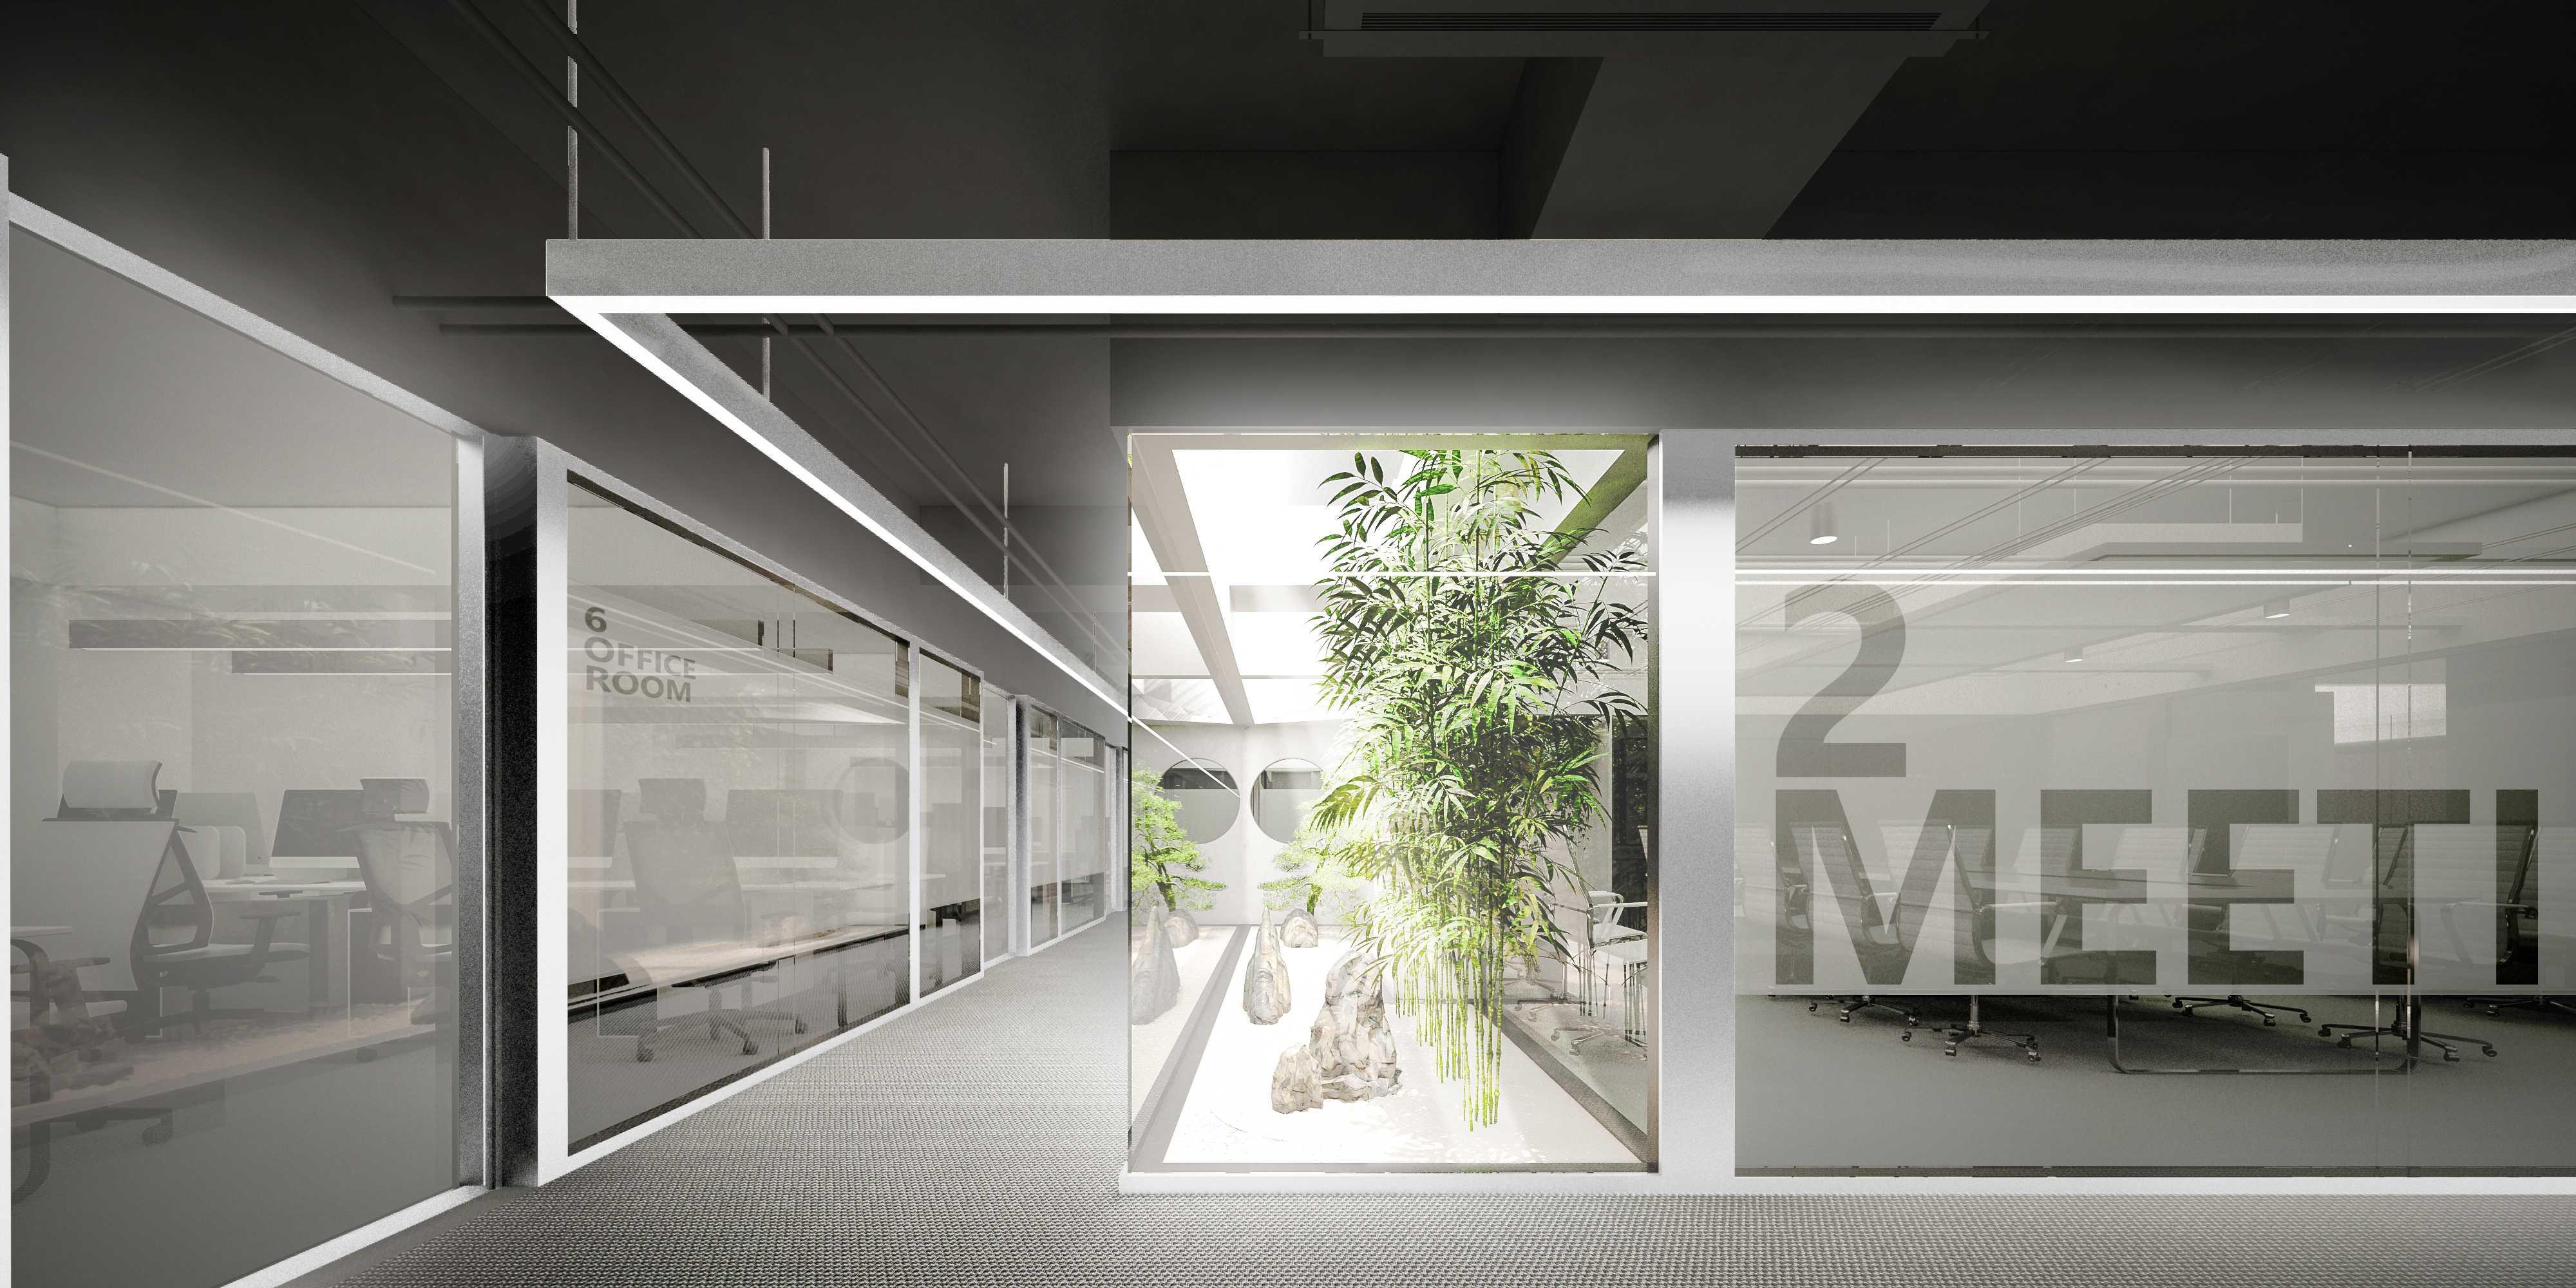 北京J SPACE西二旗社区办公室工位